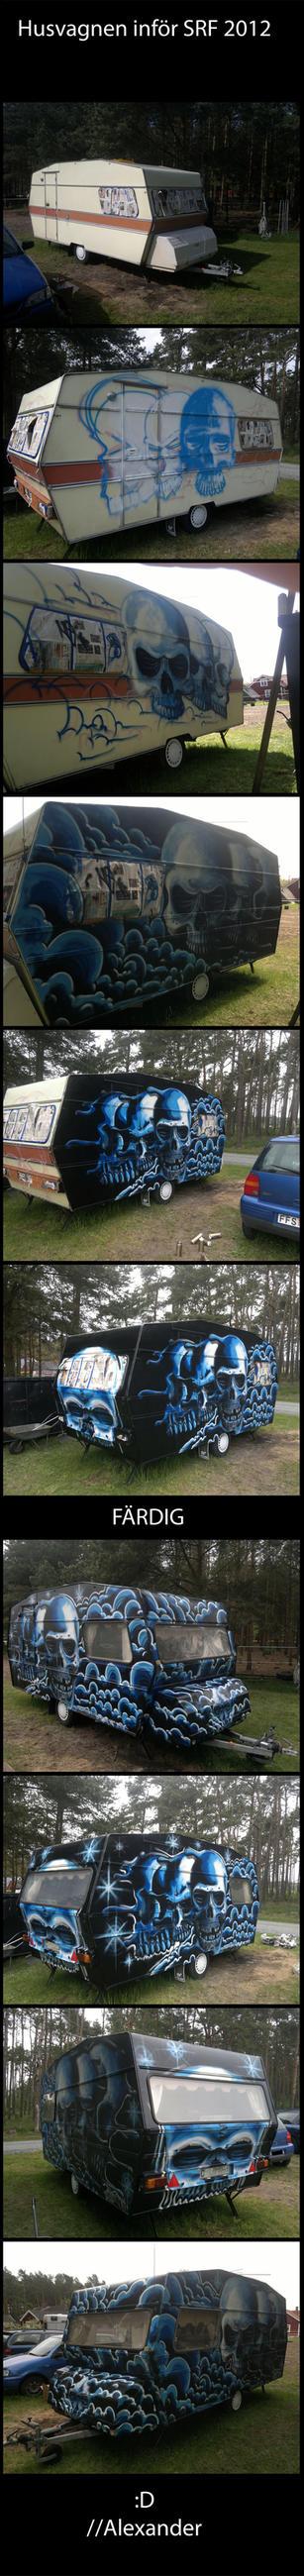 20120519 Sweden Rock Festival skull caravan nr2 by Signevad